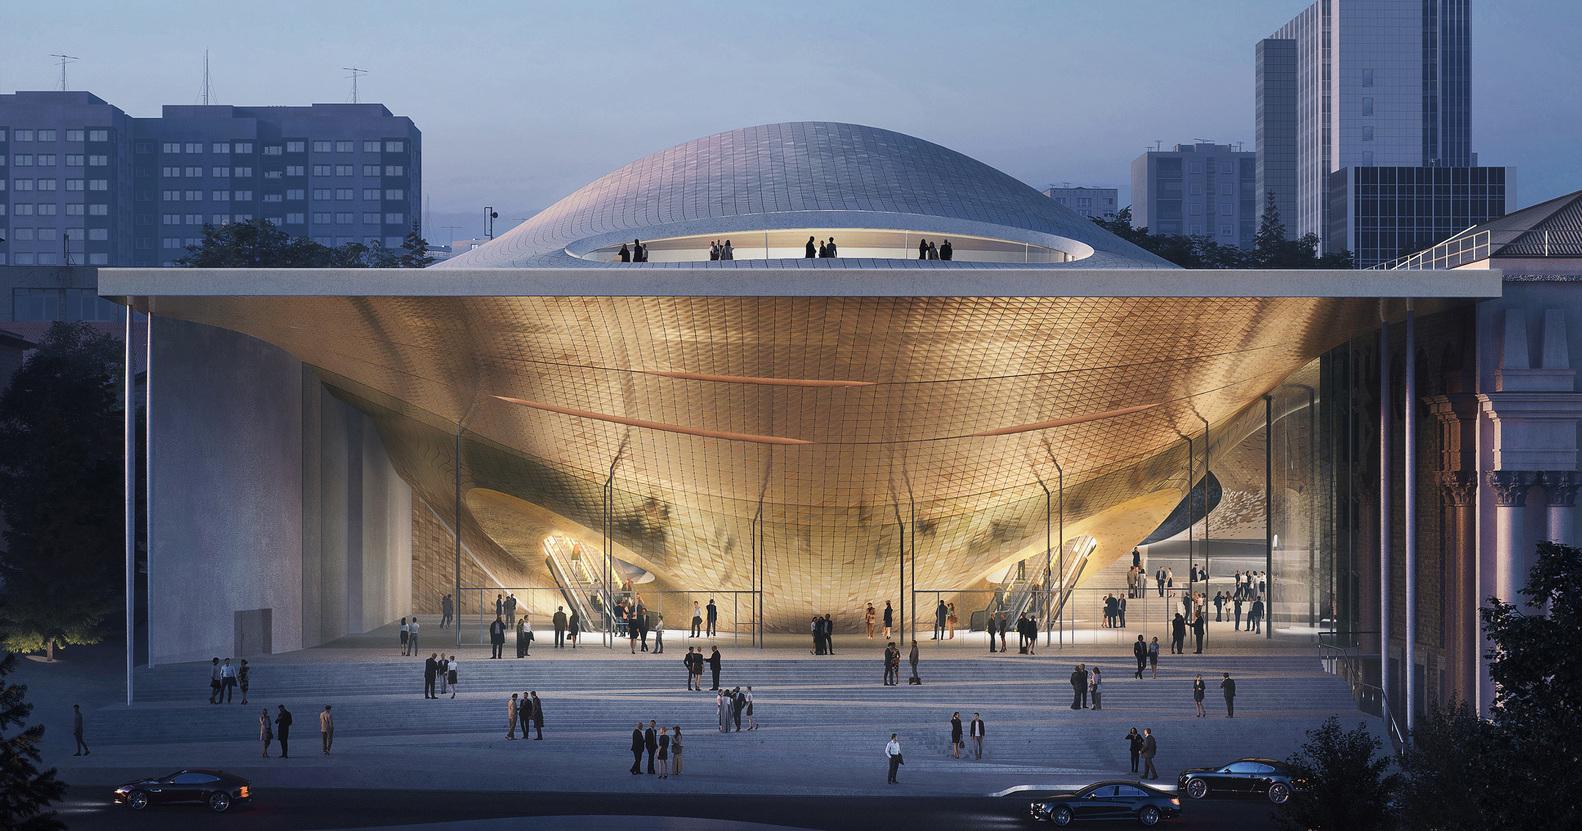 طراحی سالن کنسرت Sverdlovsk در روسیه - Concert hall Sverdlovsk 1 1